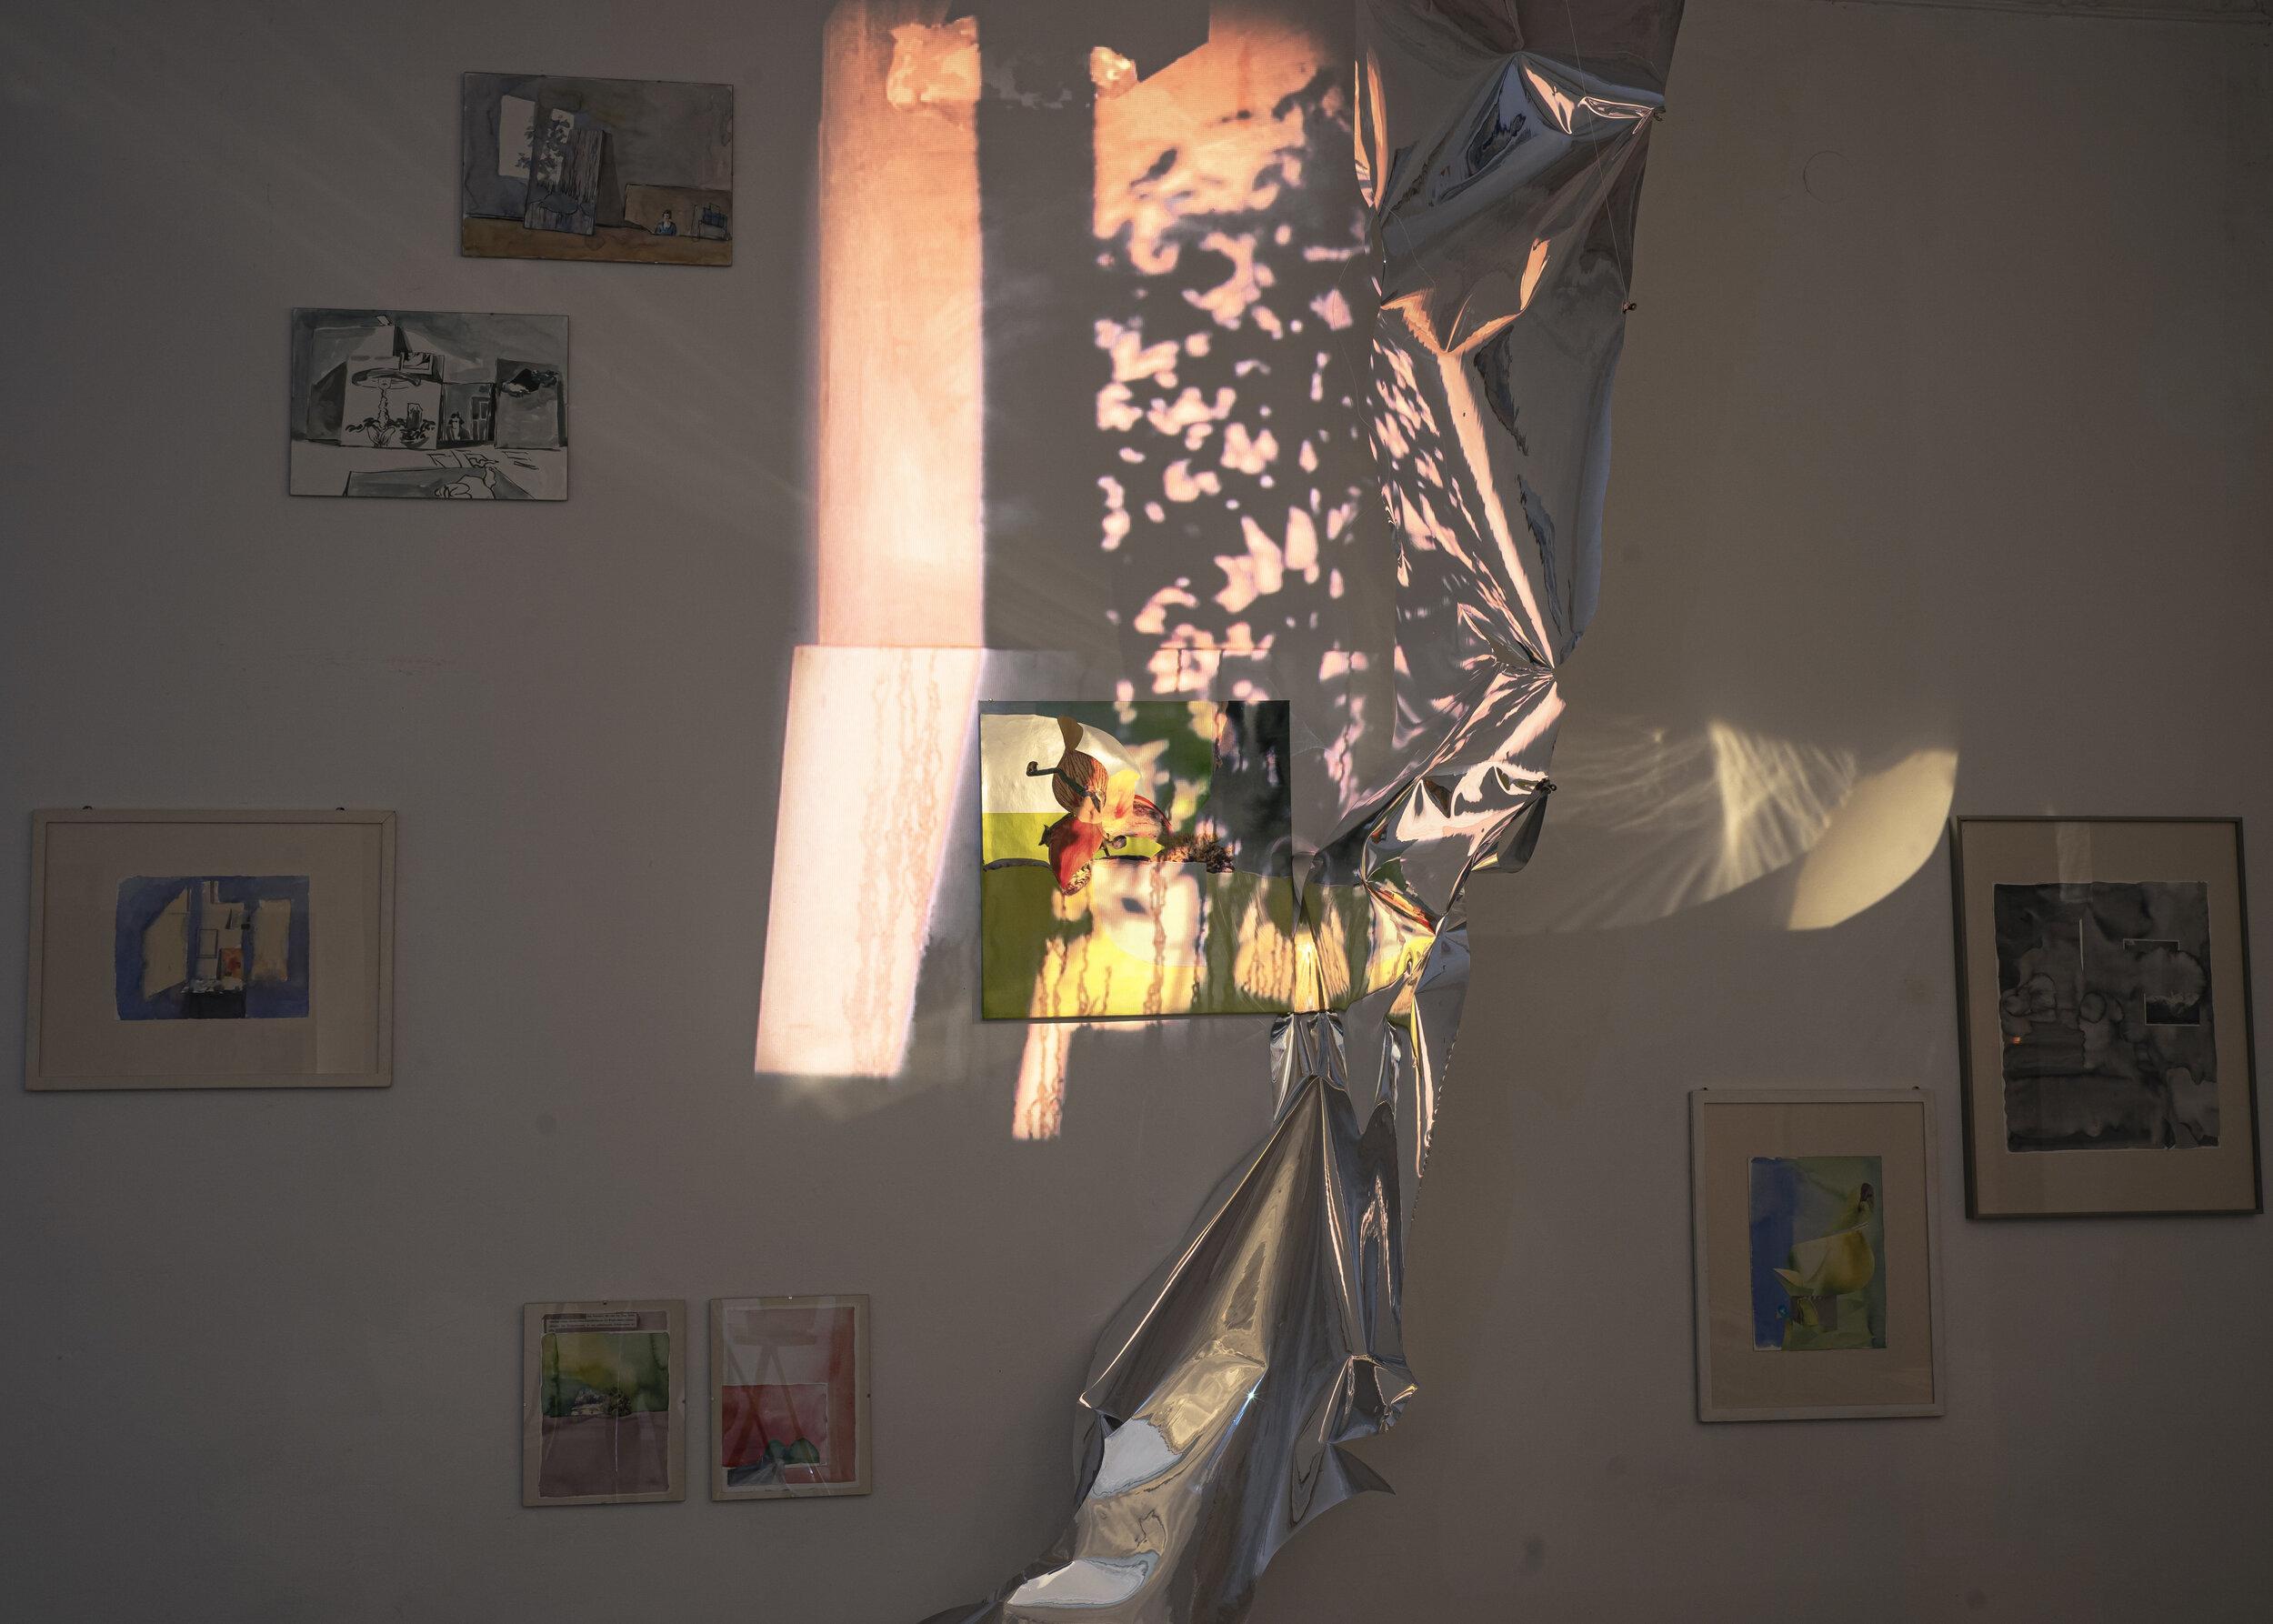 Проживати простір. Дарія Кузьмич про свою виставку «Твій контракт оренди розірвано»